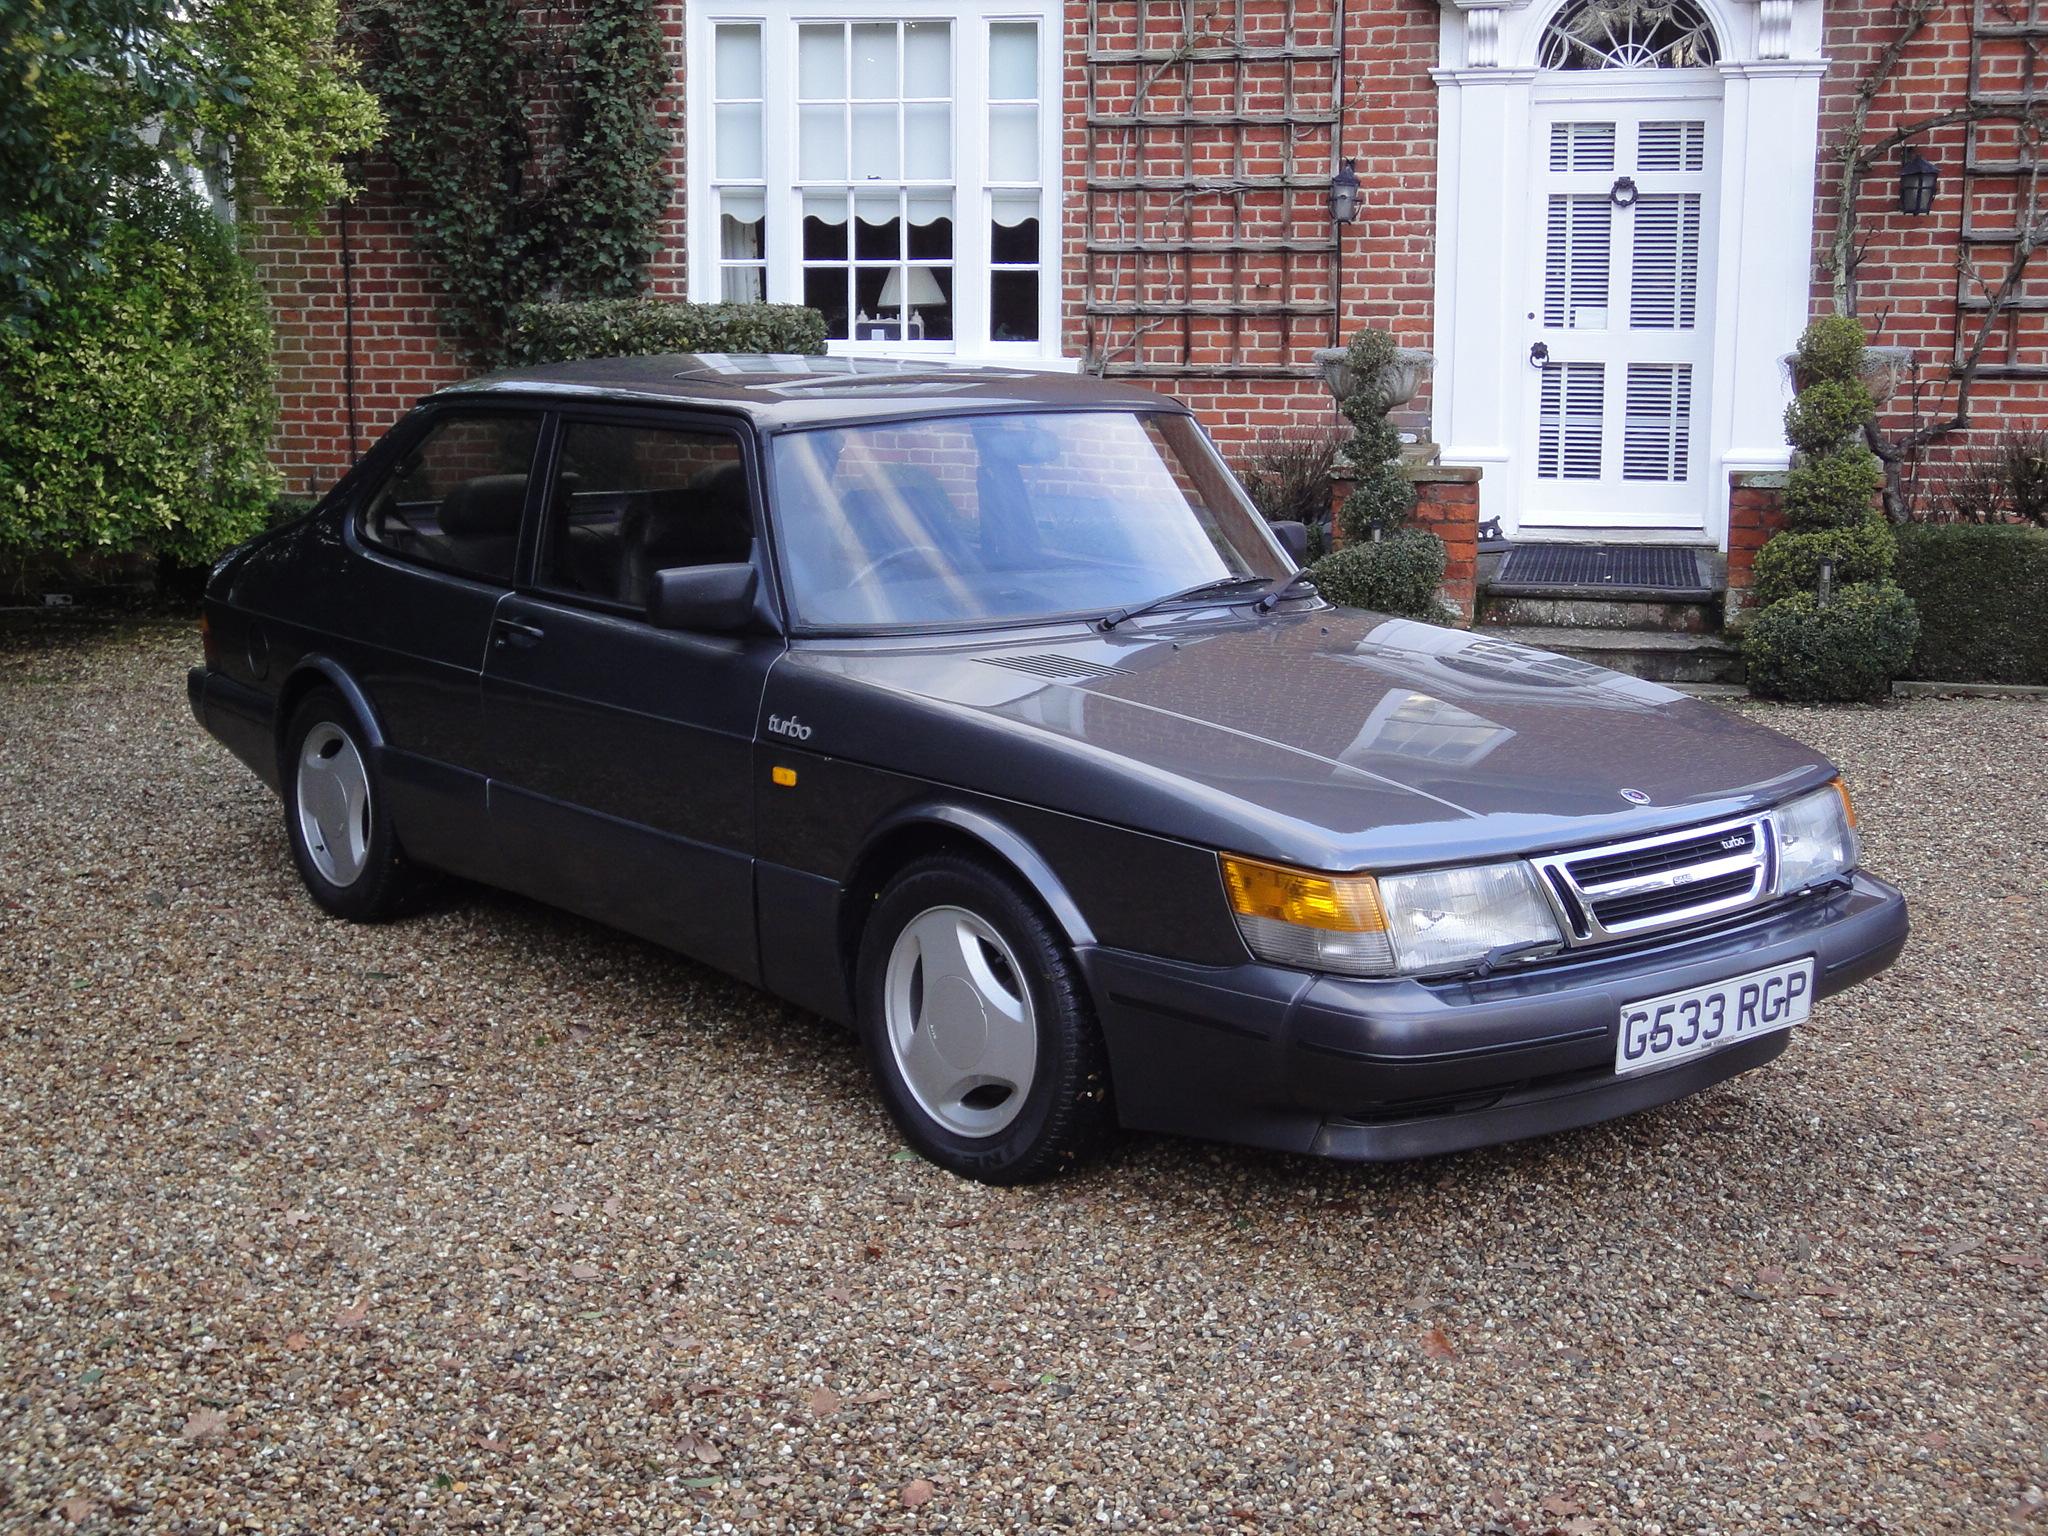 Grey Saab Turbo S 16 Valve